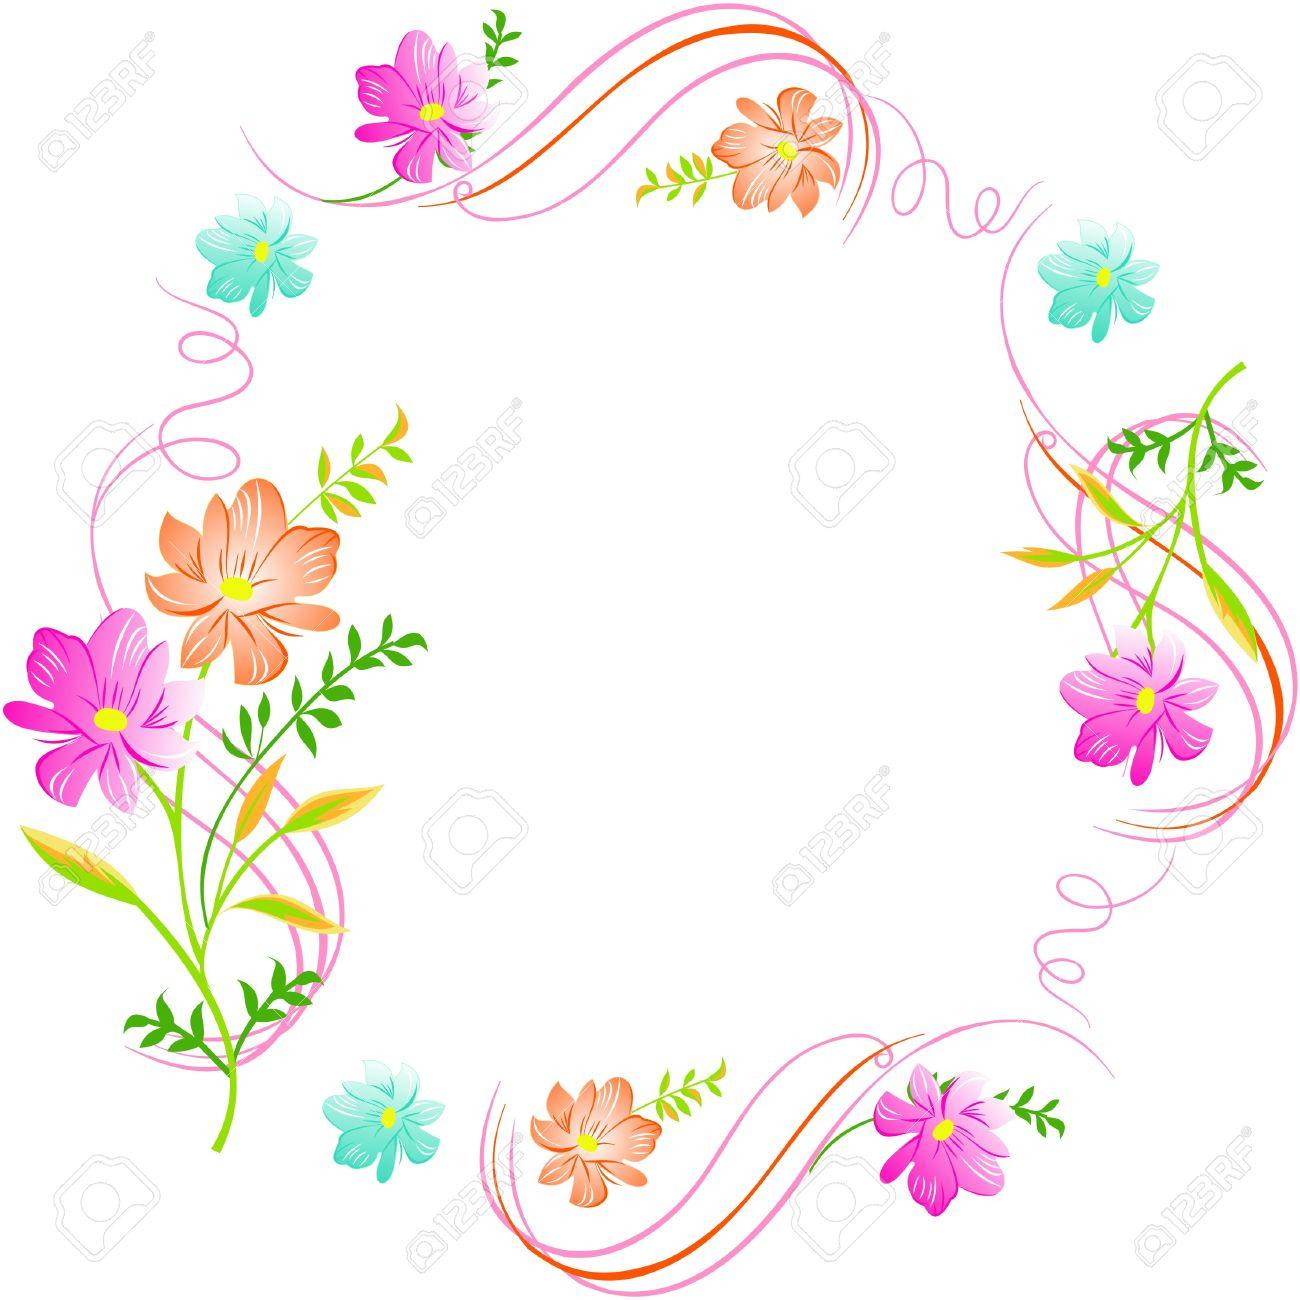 Las Flores Sobre Un Fondo Blanco Excelente Fondo Floral Sin Fisuras